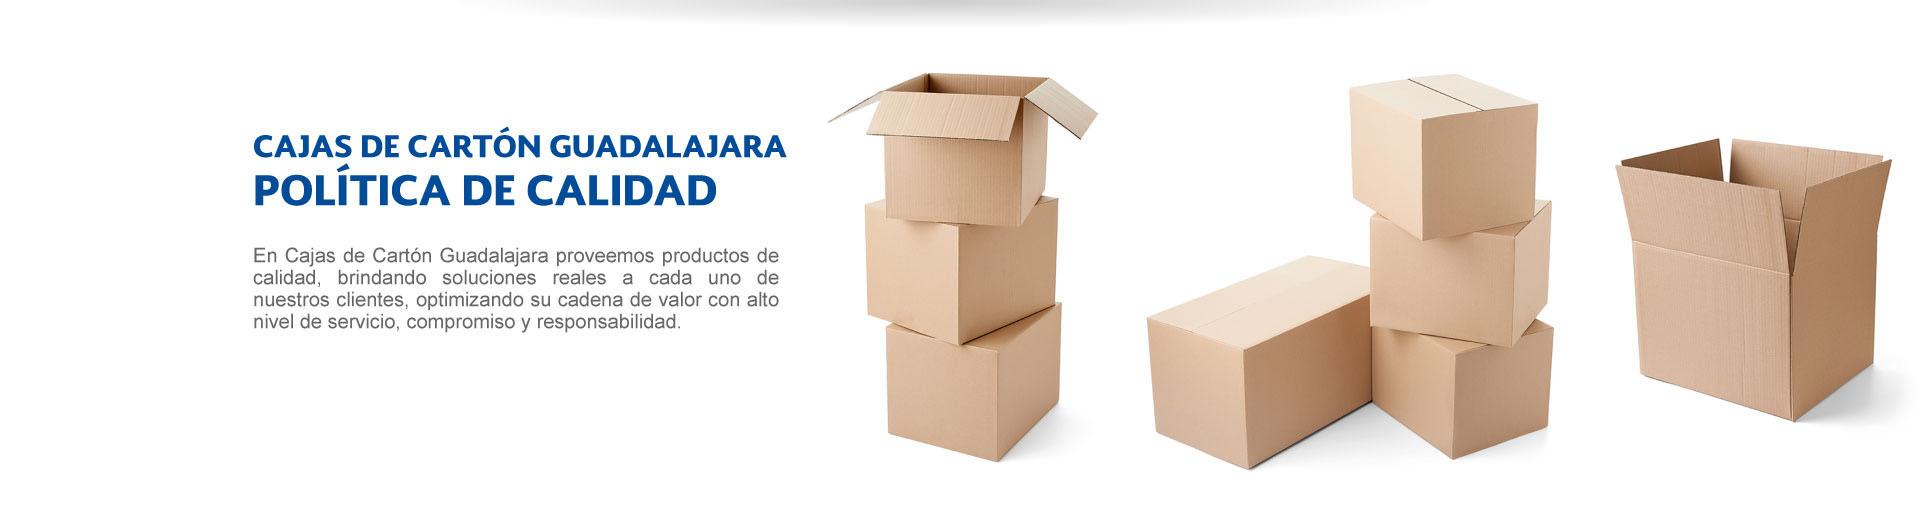 cajas de cart n guadalajara